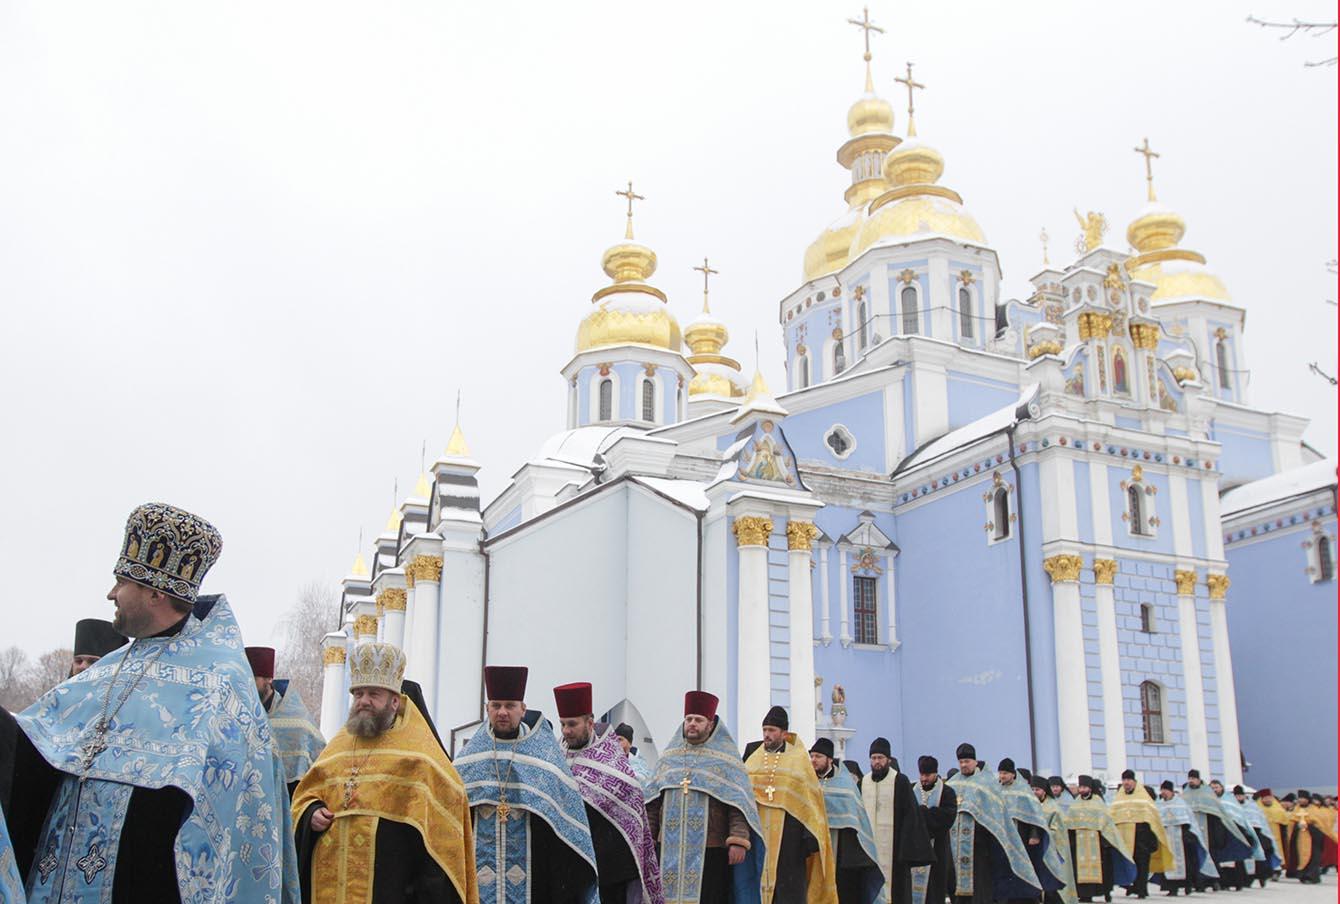 Молебен за мир в Украине. Киев, 2014 год.